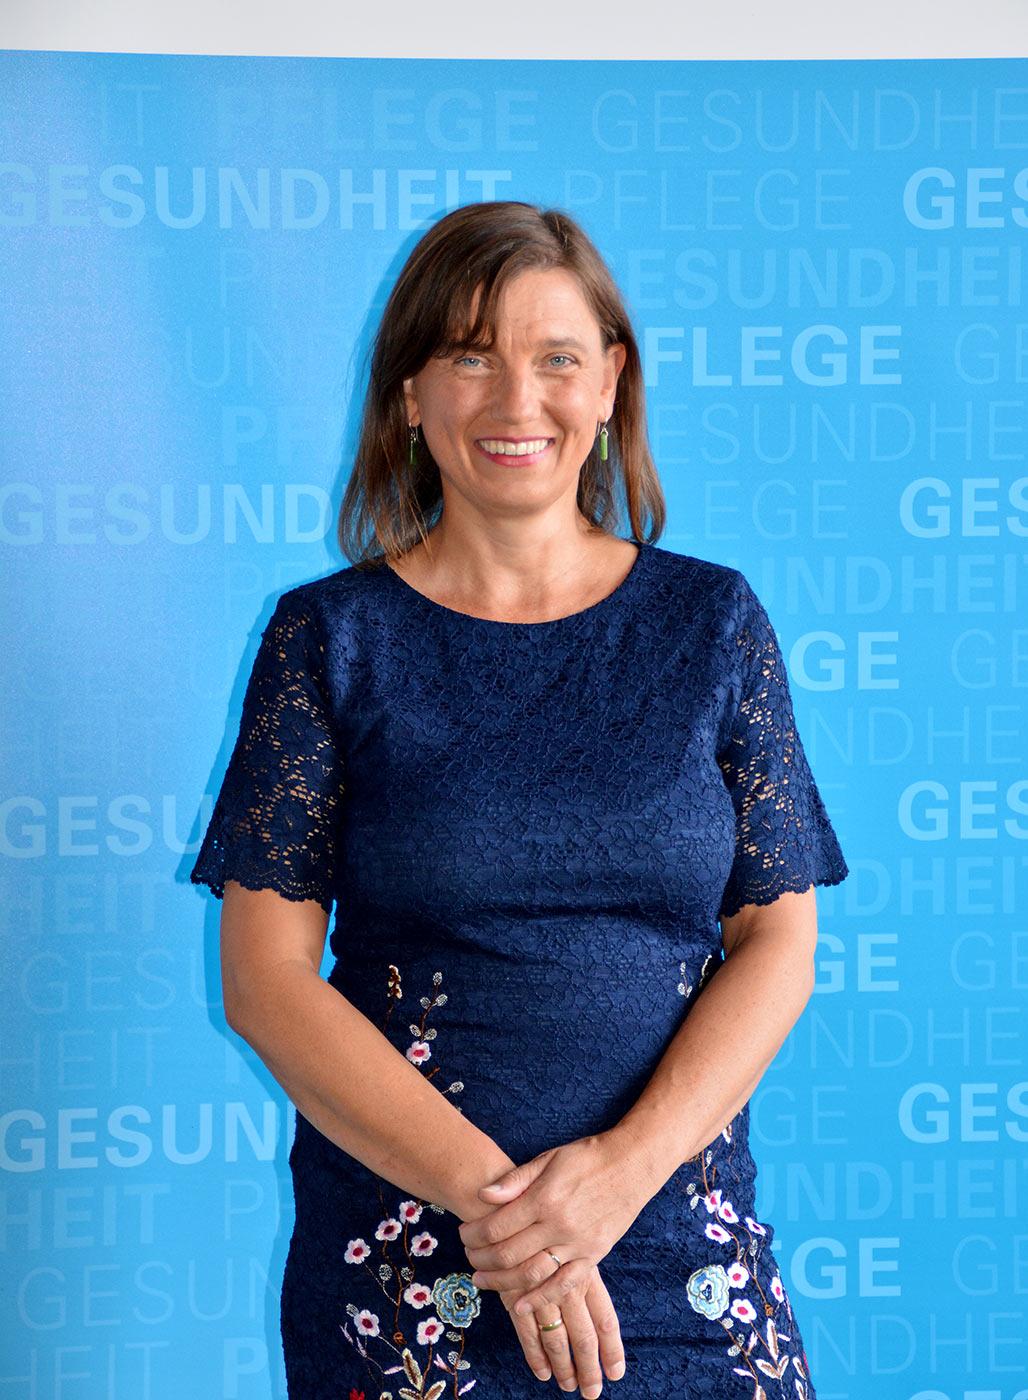 Dr. Ursula Zollner, Mitglied der Bayerischen Ethikkommission für Präimplantationsdiagnostik